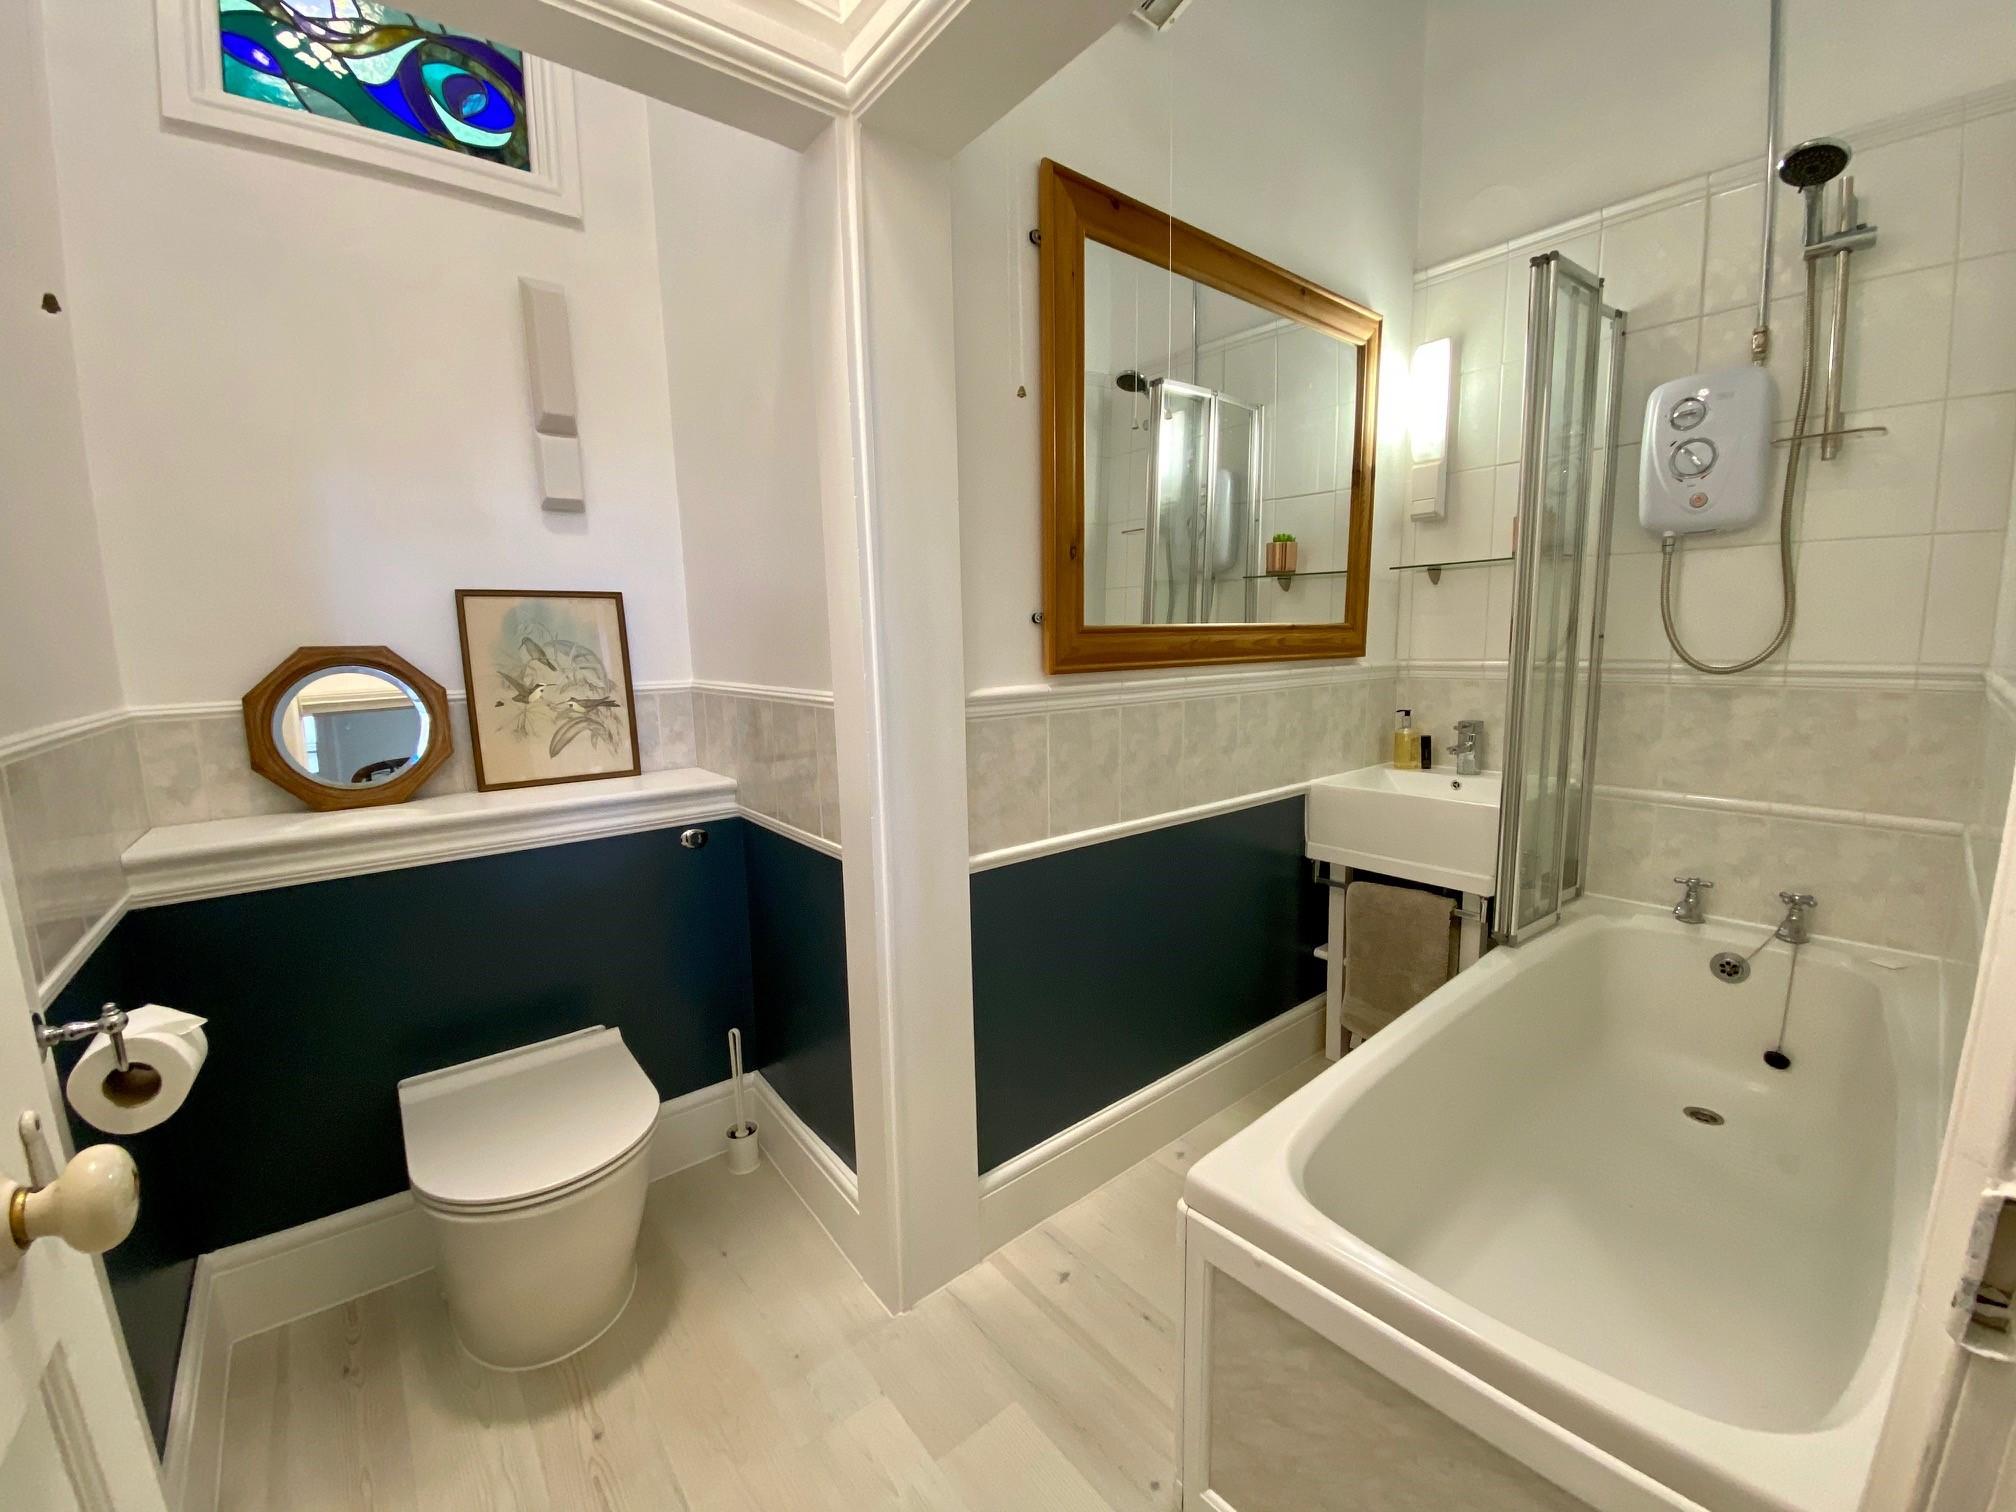 3 Beach Bathroom